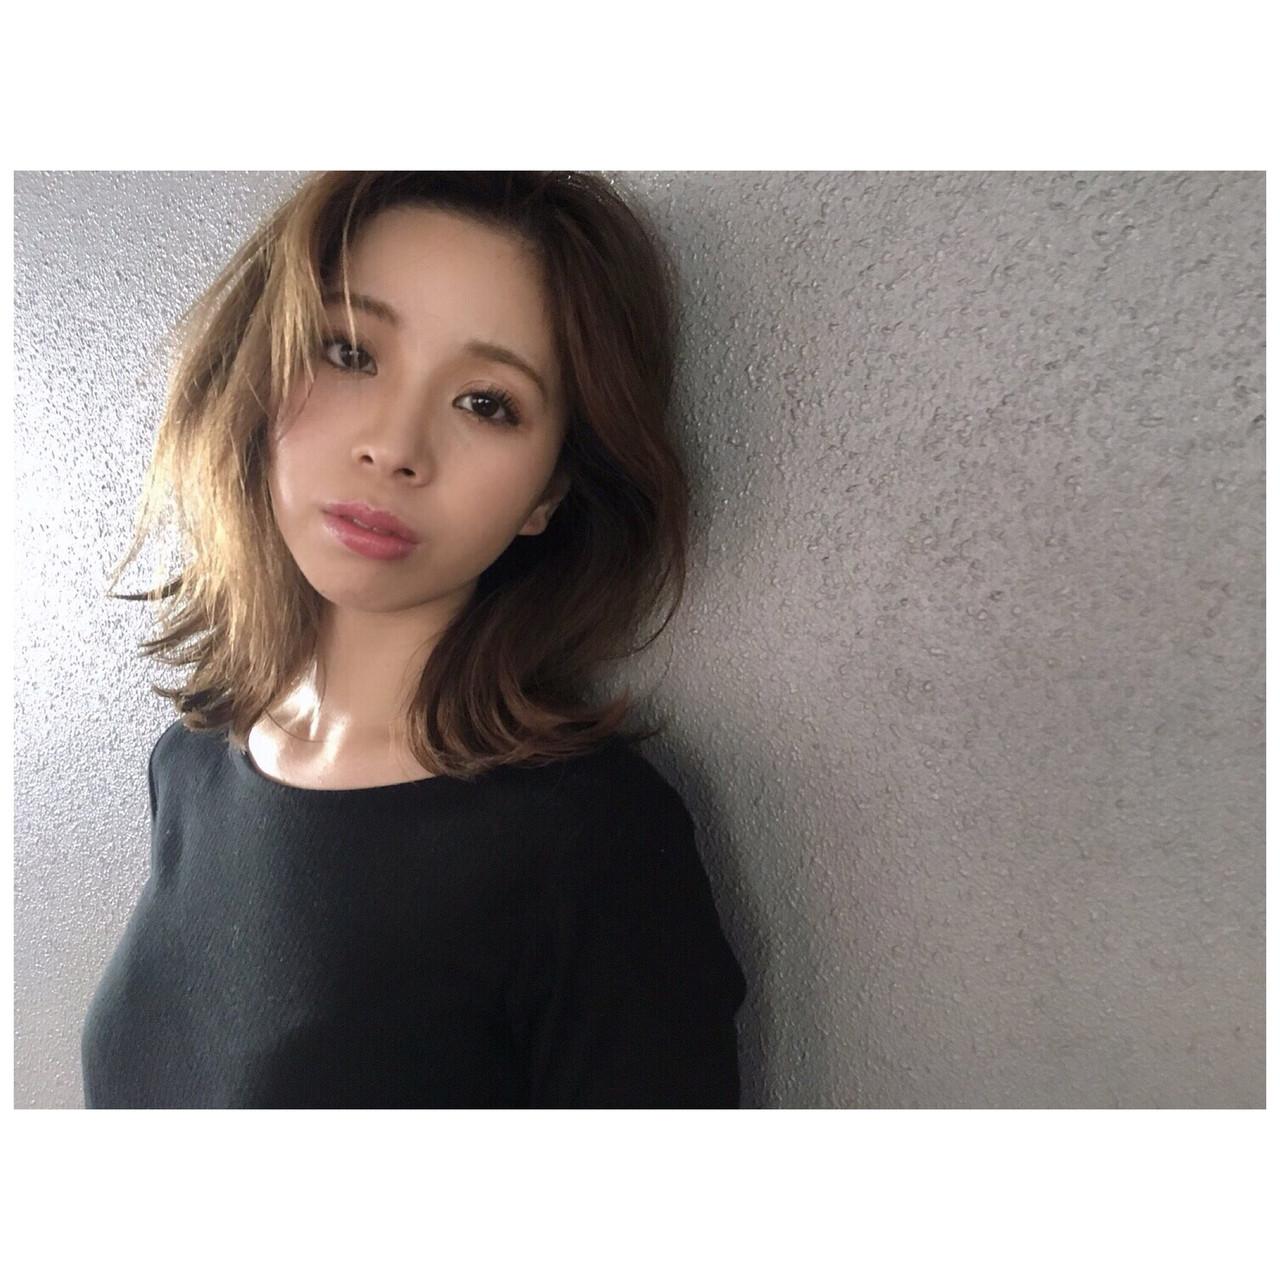 アッシュグレージュ グレージュ ナチュラル ミディアム ヘアスタイルや髪型の写真・画像 | Yumi Hiramatsu / Sourire Imaizumi【スーリール イマイズミ】